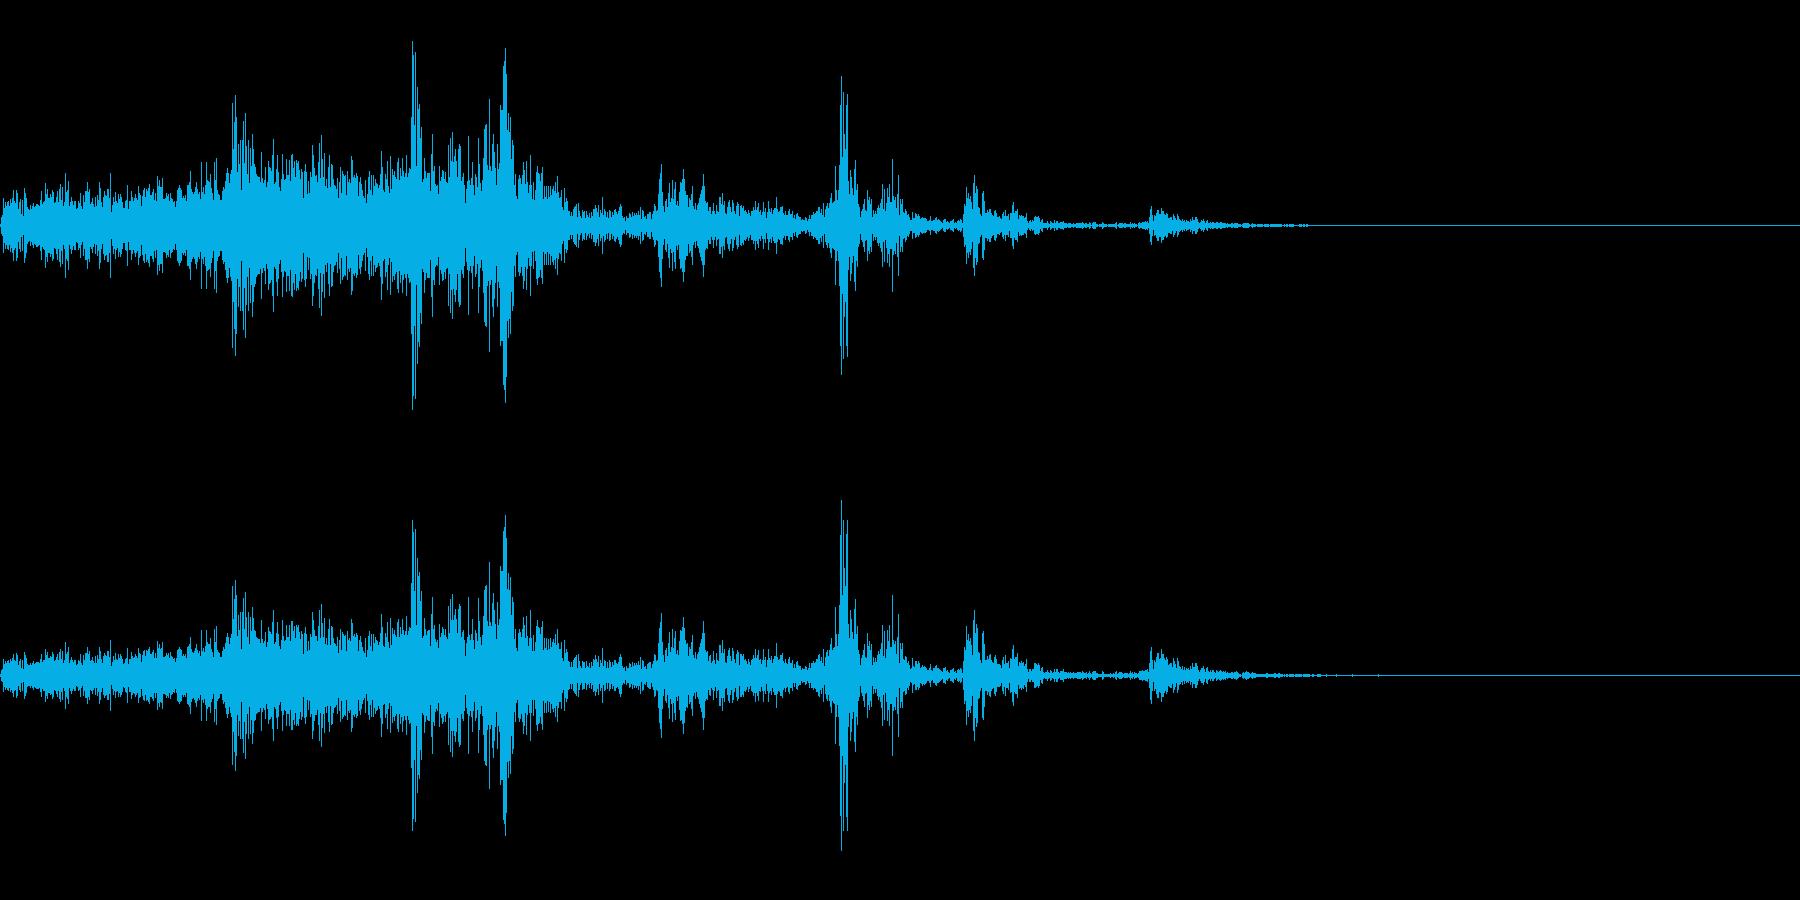 ペラ(左から右へページをめくる音)の再生済みの波形